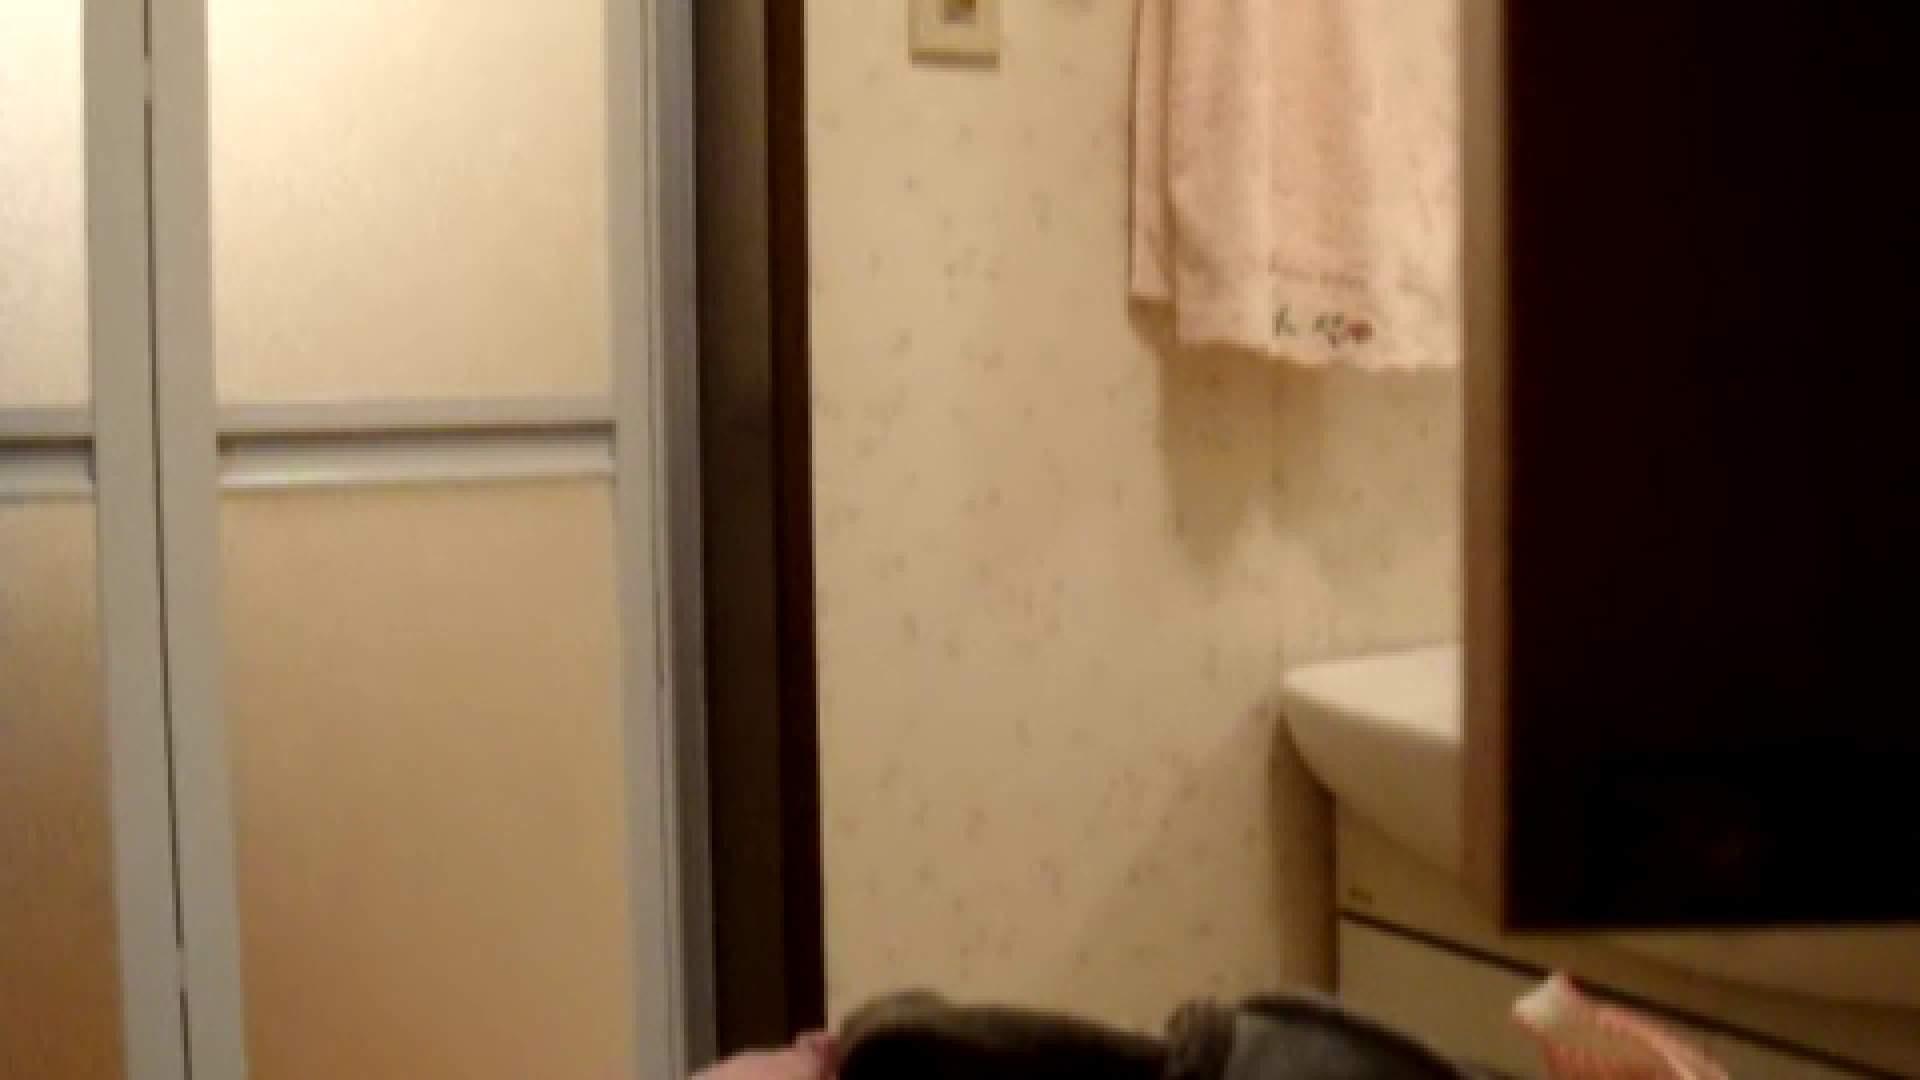 二人とも育てた甲斐がありました… vol.08 まどかの入浴中にカメラに気付いたか!? OLのエロ生活   ギャル入浴  71連発 41